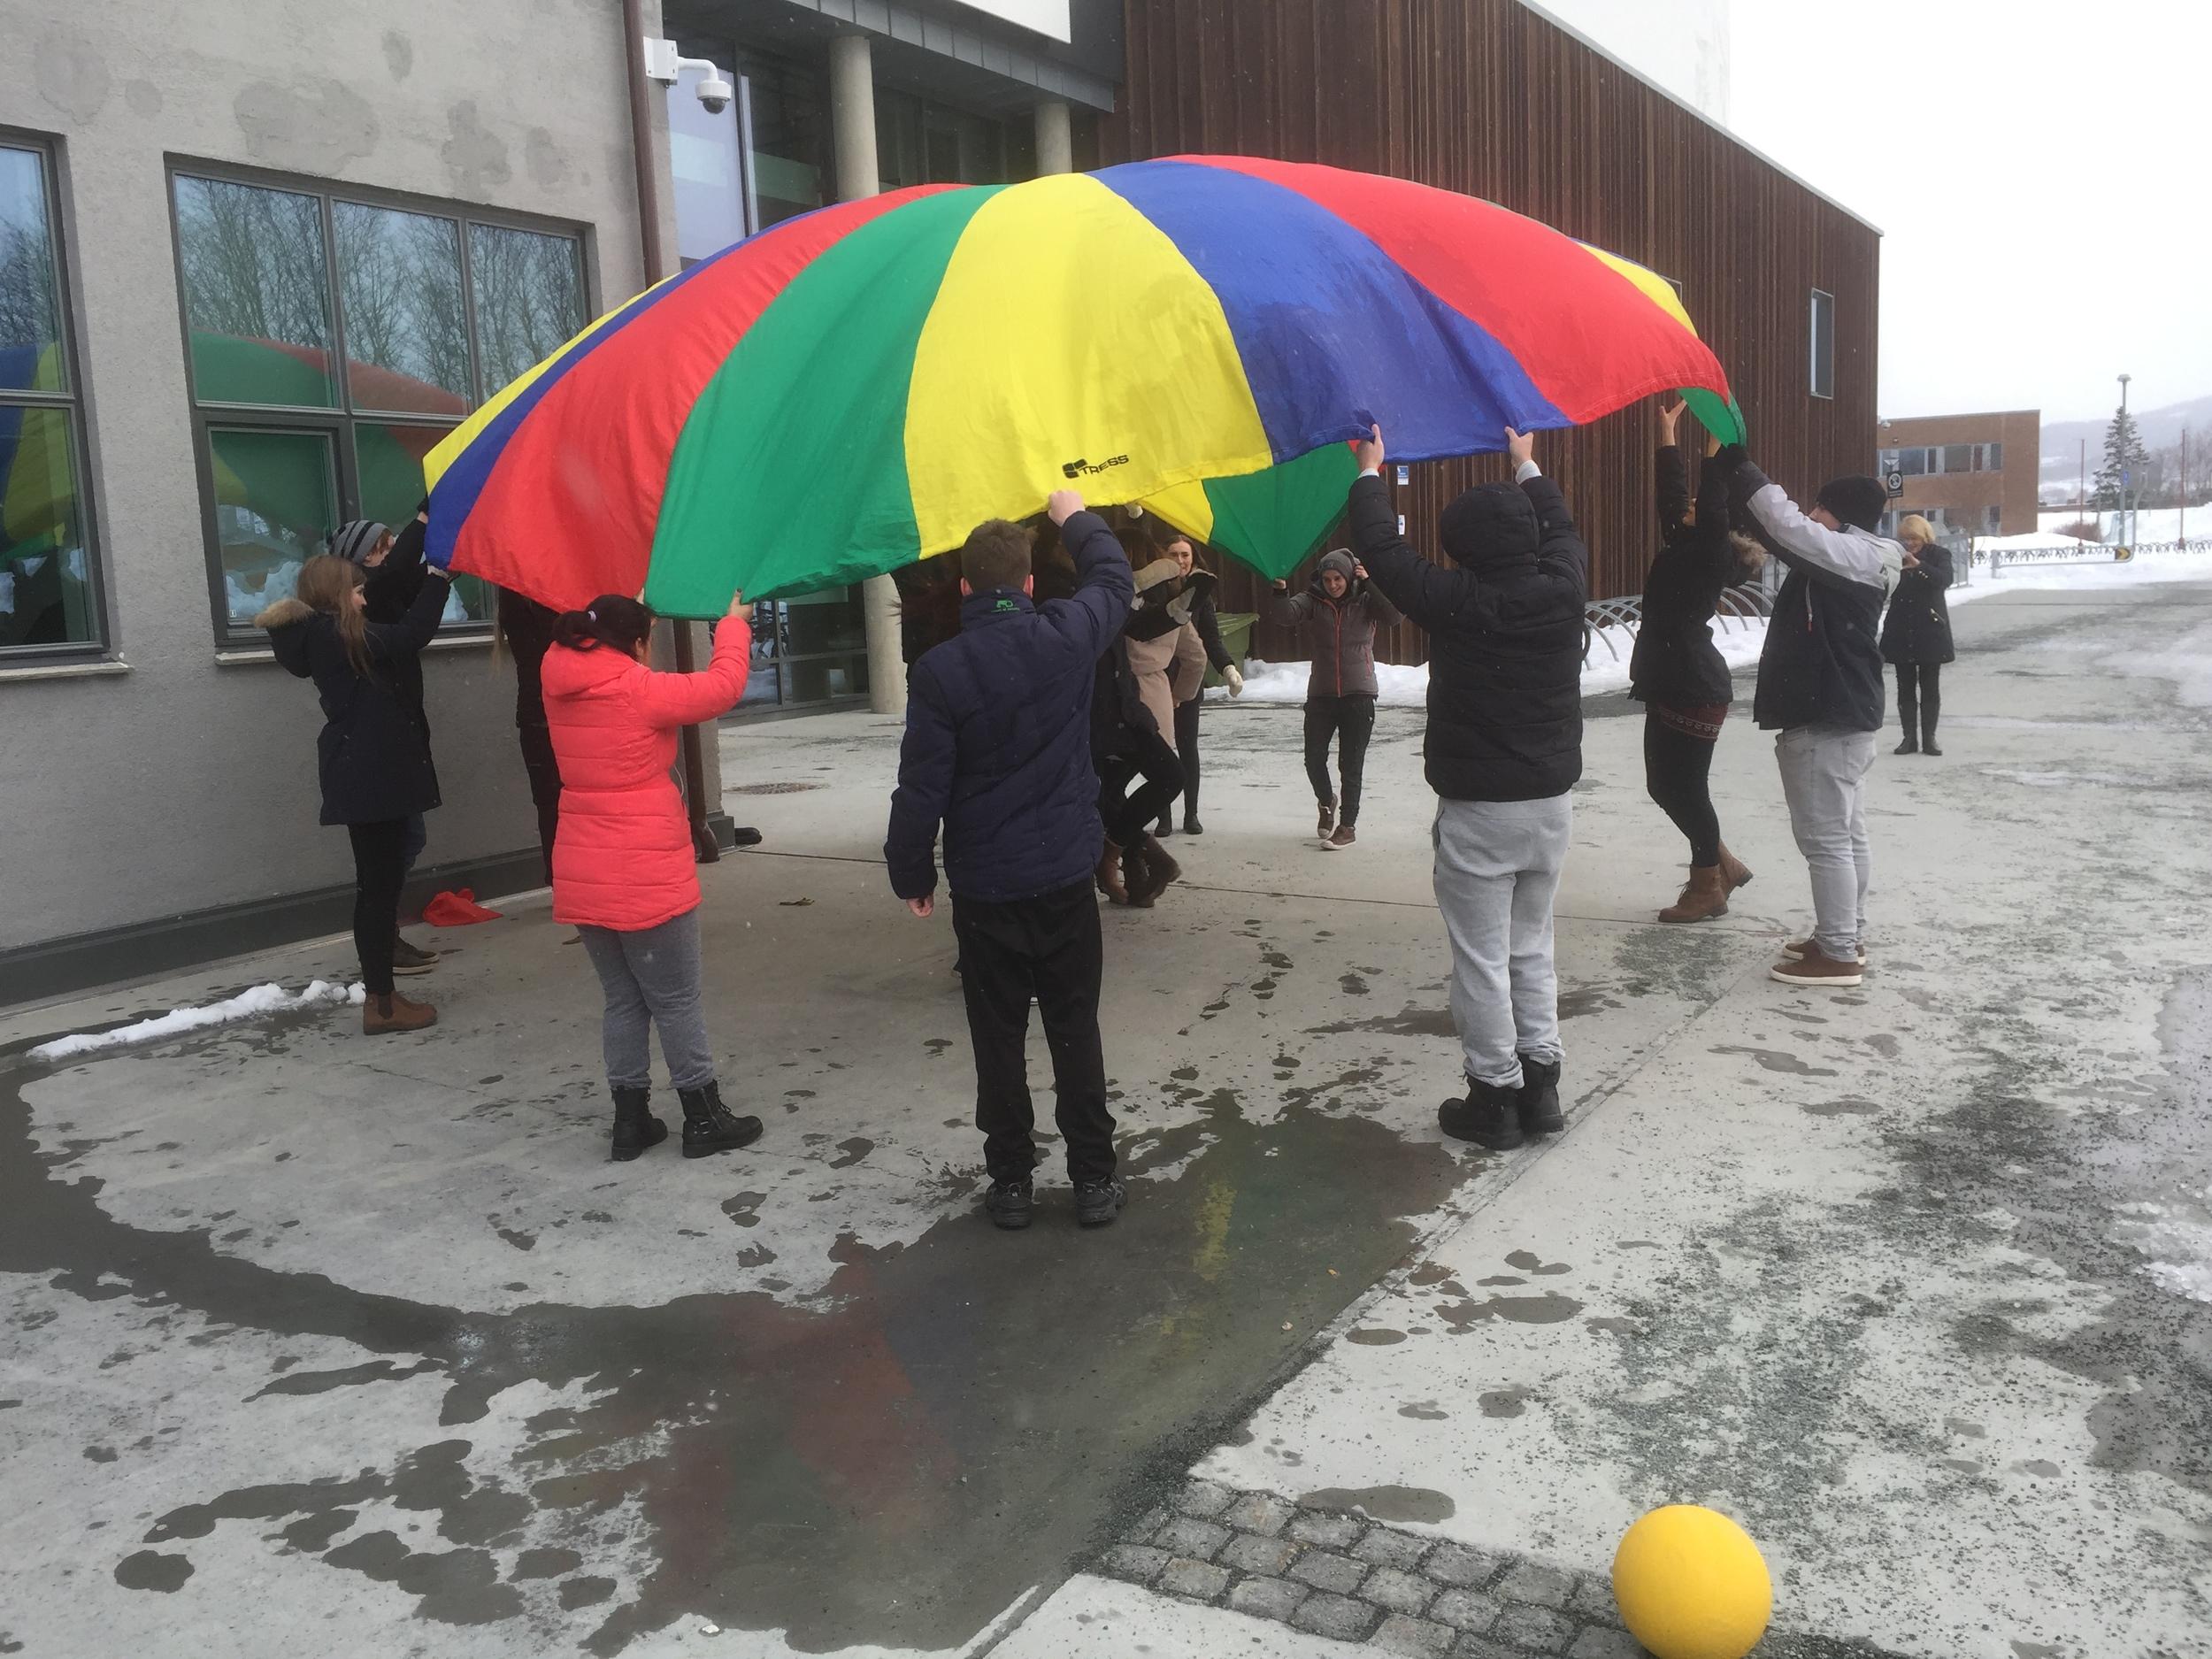 En av Barne- og omsorgsarbeider klassene på Strinda laget 4 ulike aktiviteter for å løse opp litt underveis. Her er det en aktivitet med fallskjerm..